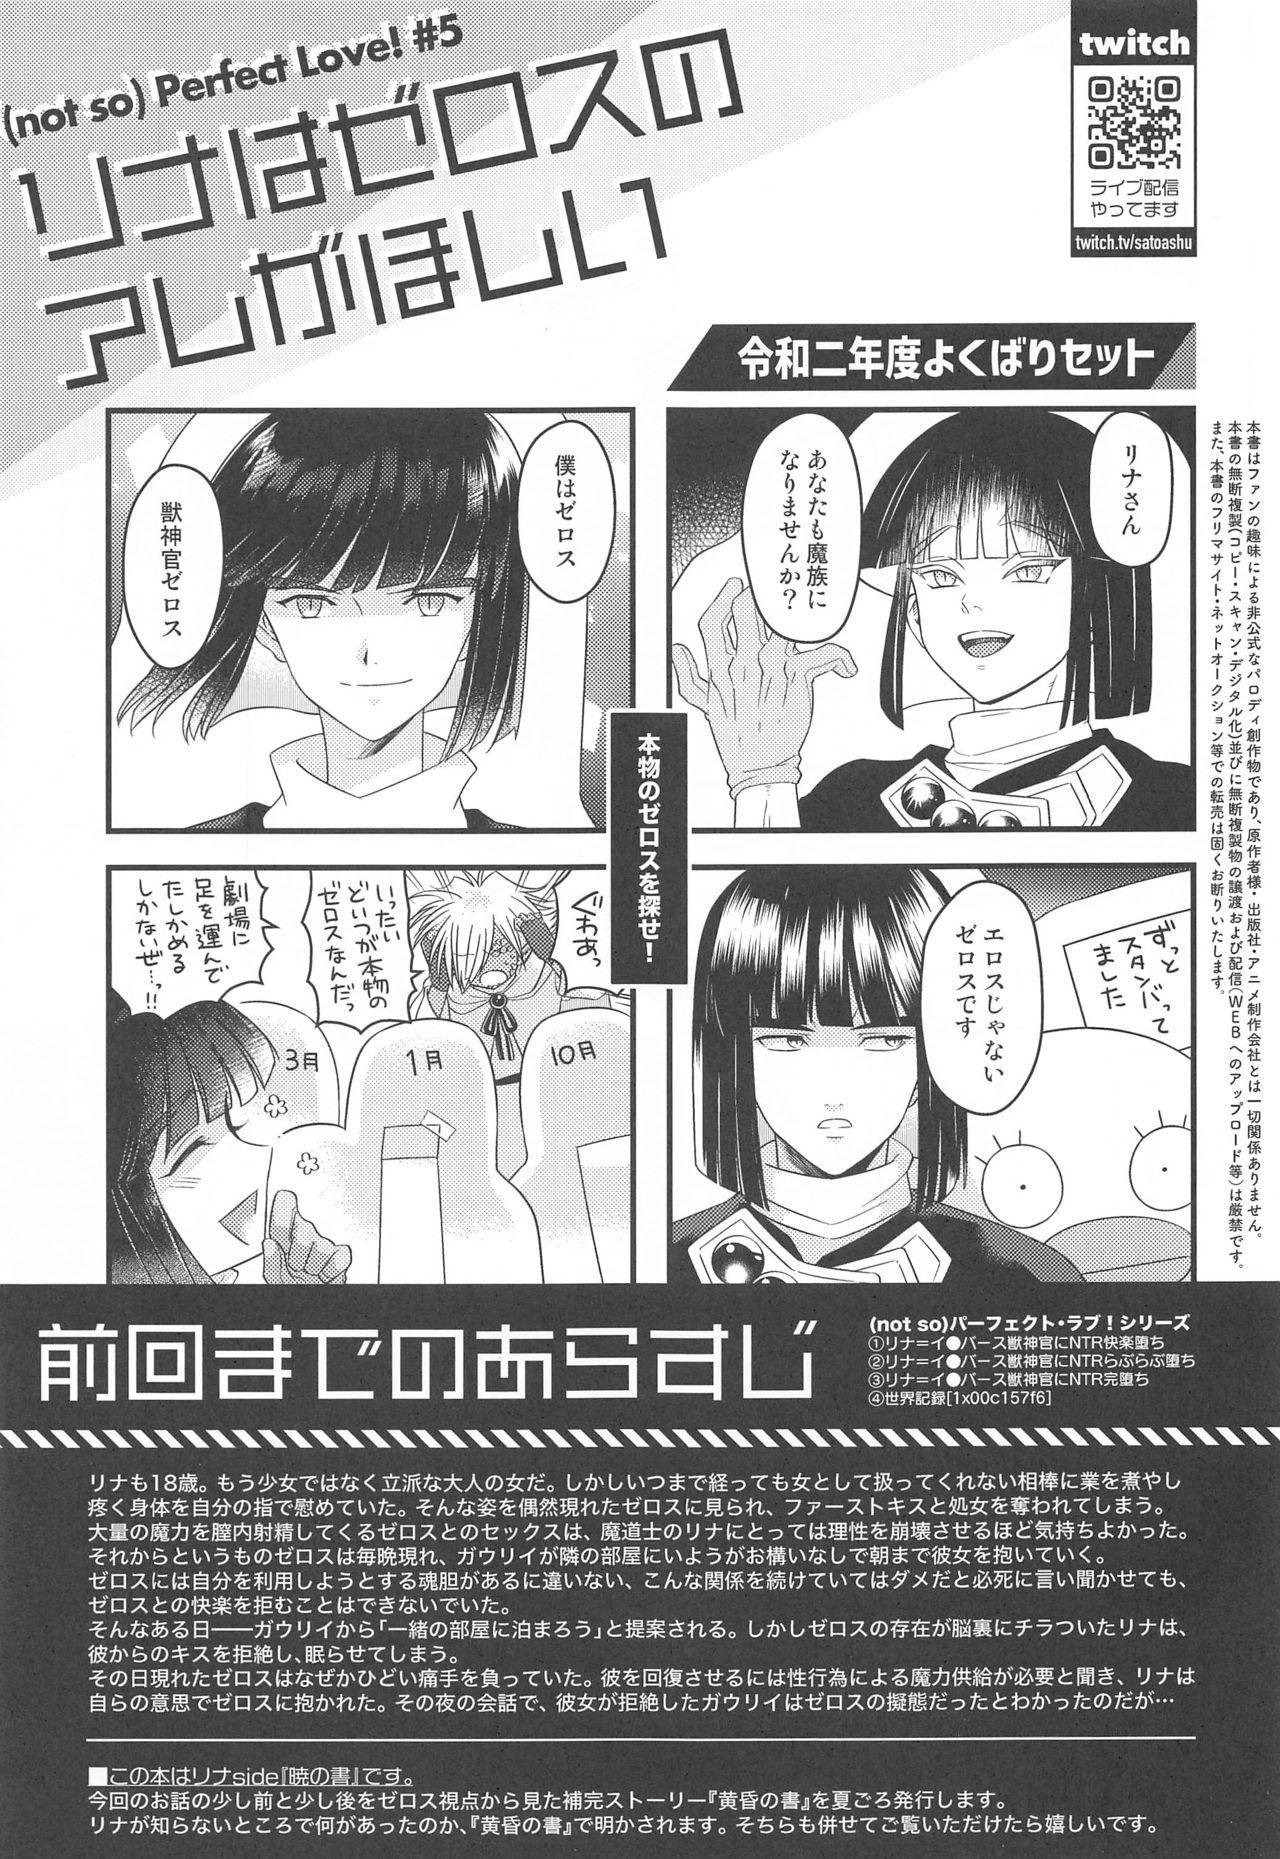 (2021-03 Akihabara Chou Doujinsai) [kozakoza (Kaipan)] Lina wa Xelloss no Are ga Hoshii - (not so) Perfect Love! #5 (Slayers) 1